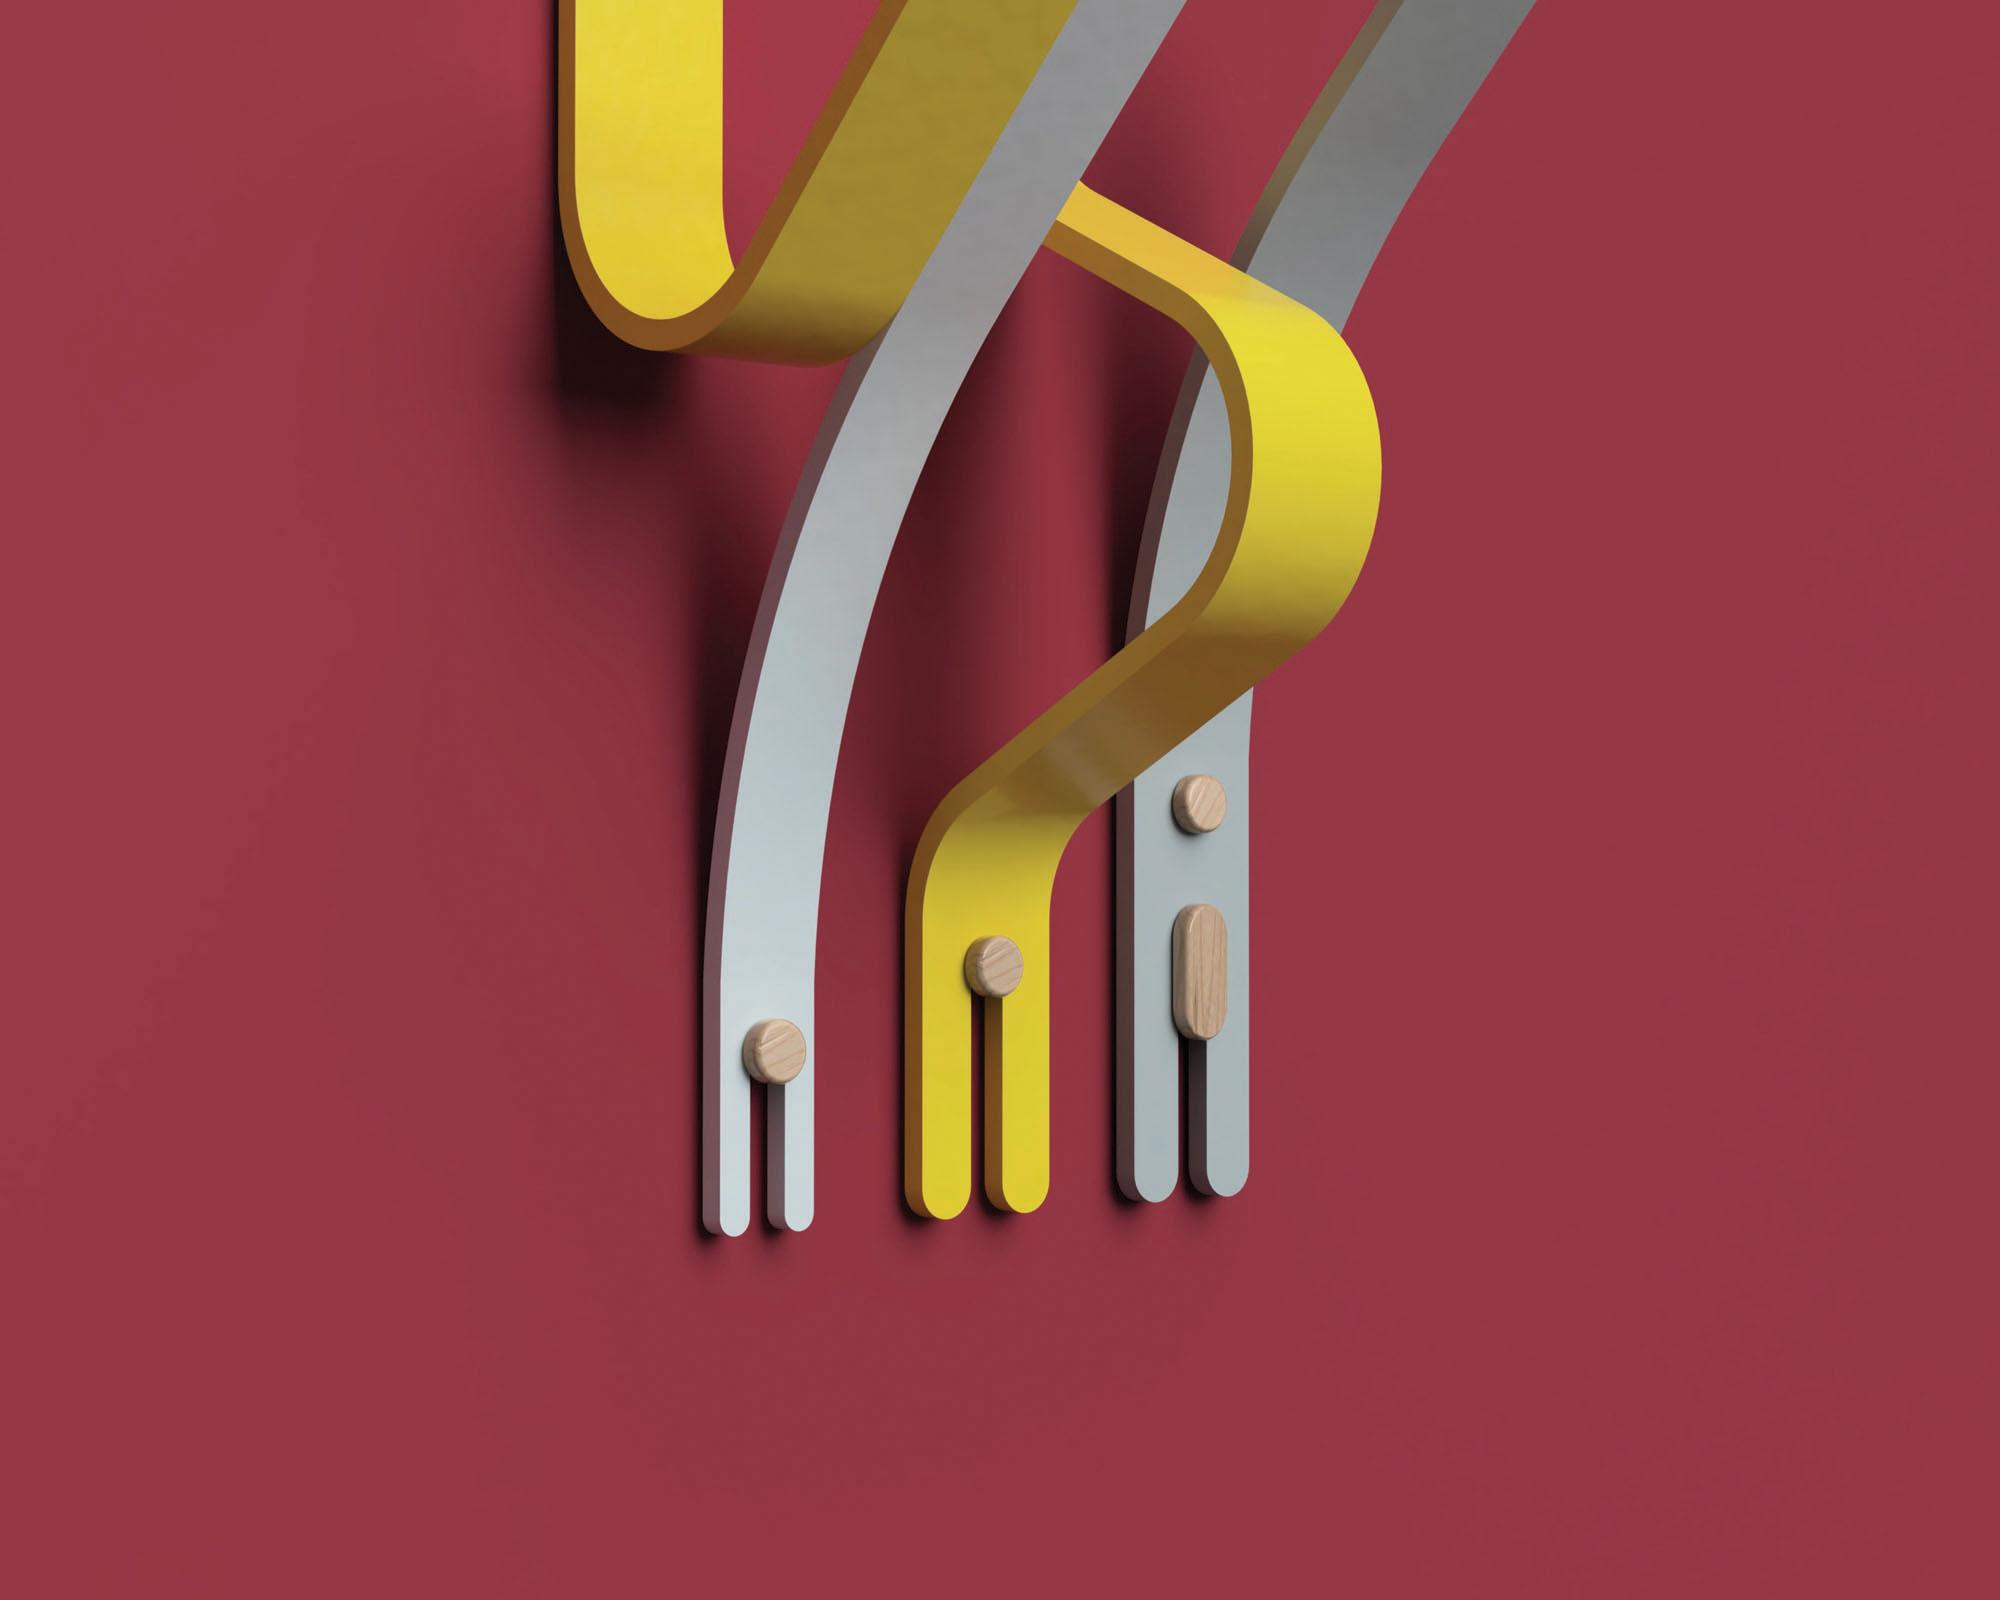 KuhnJulie-Typo-5.jpg